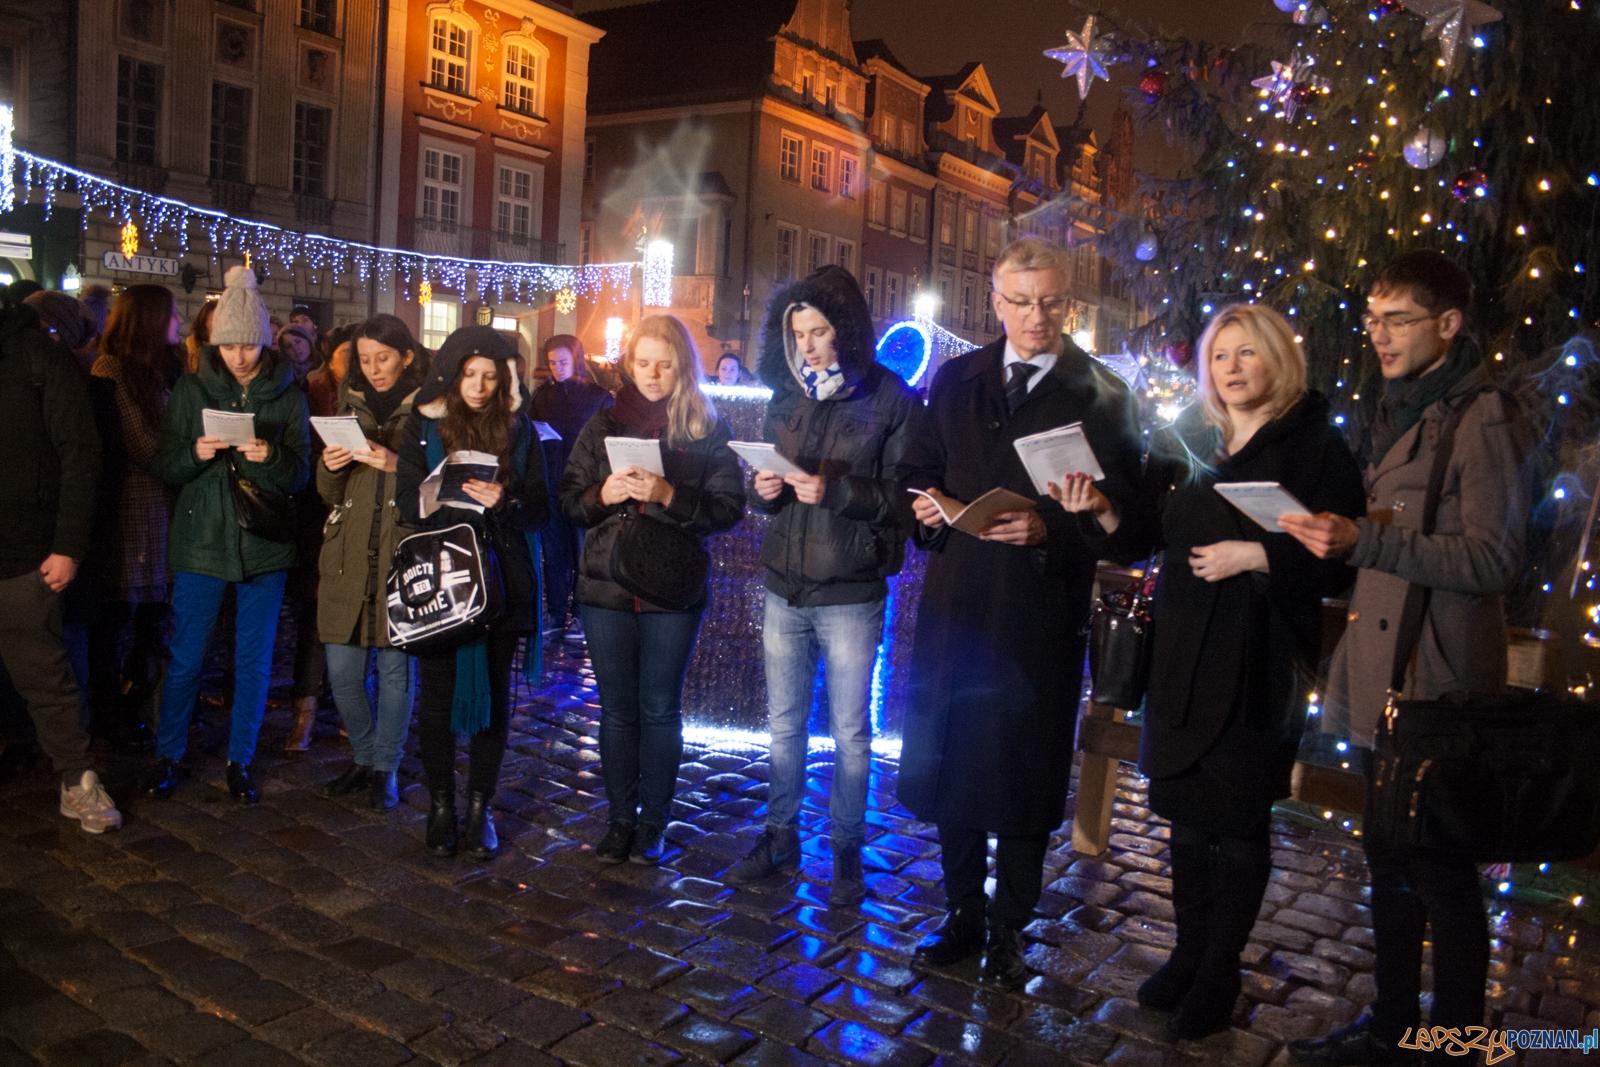 Jedna kolęda w wielu językach - Cicha Noc (17.12.2015)  Foto: © lepszyPOZNAN.pl / Karolina Kiraga